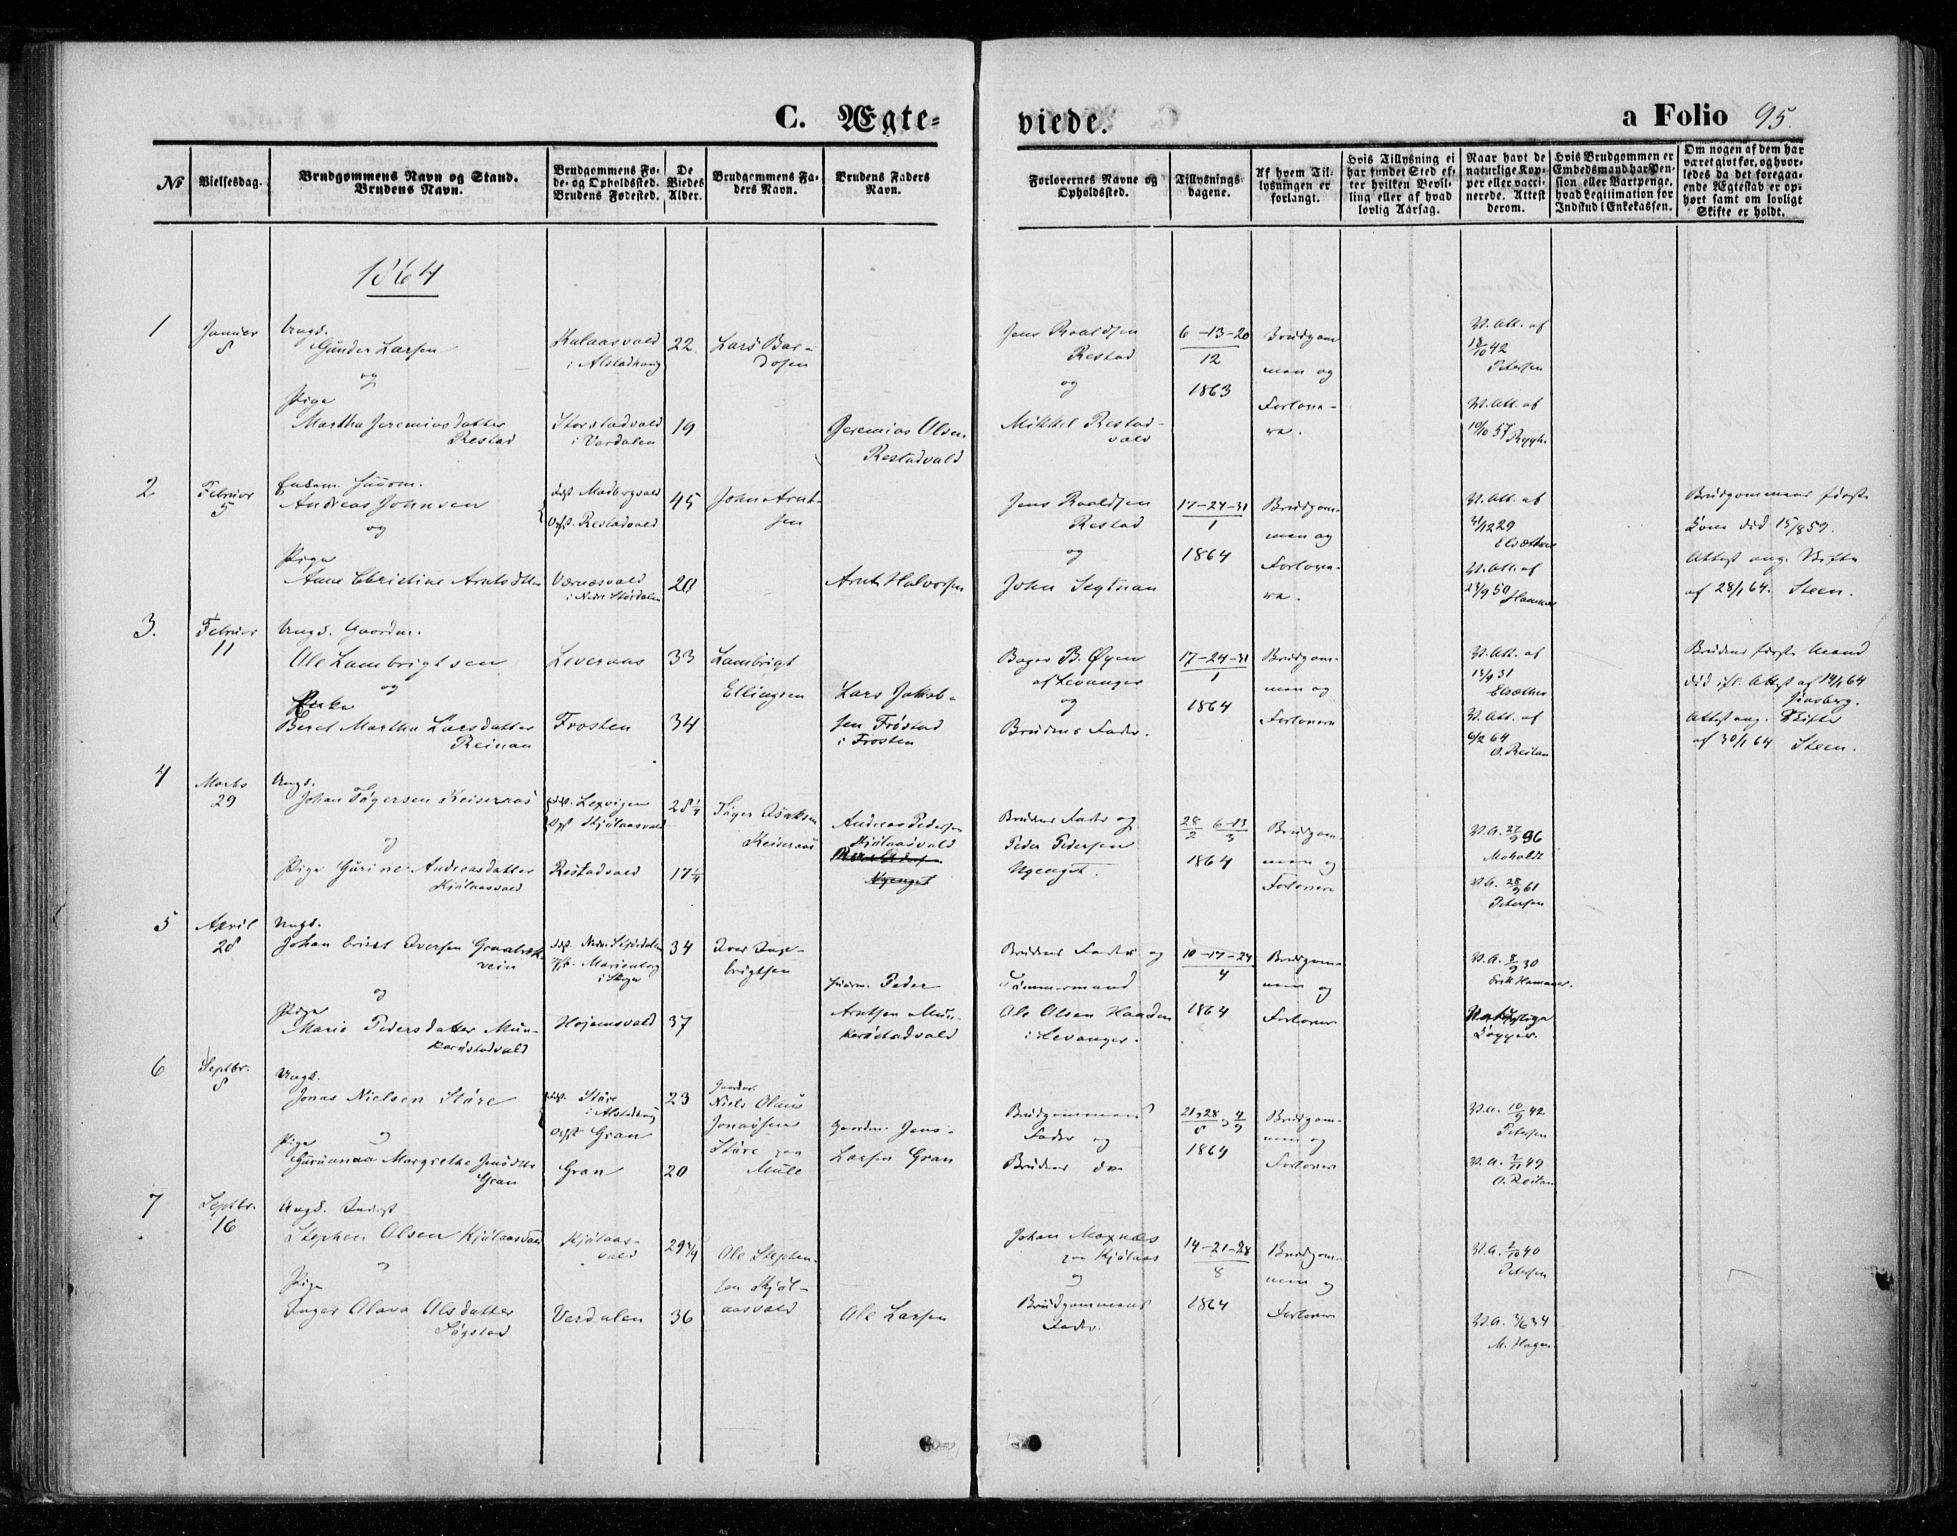 SAT, Ministerialprotokoller, klokkerbøker og fødselsregistre - Nord-Trøndelag, 721/L0206: Ministerialbok nr. 721A01, 1864-1874, s. 95